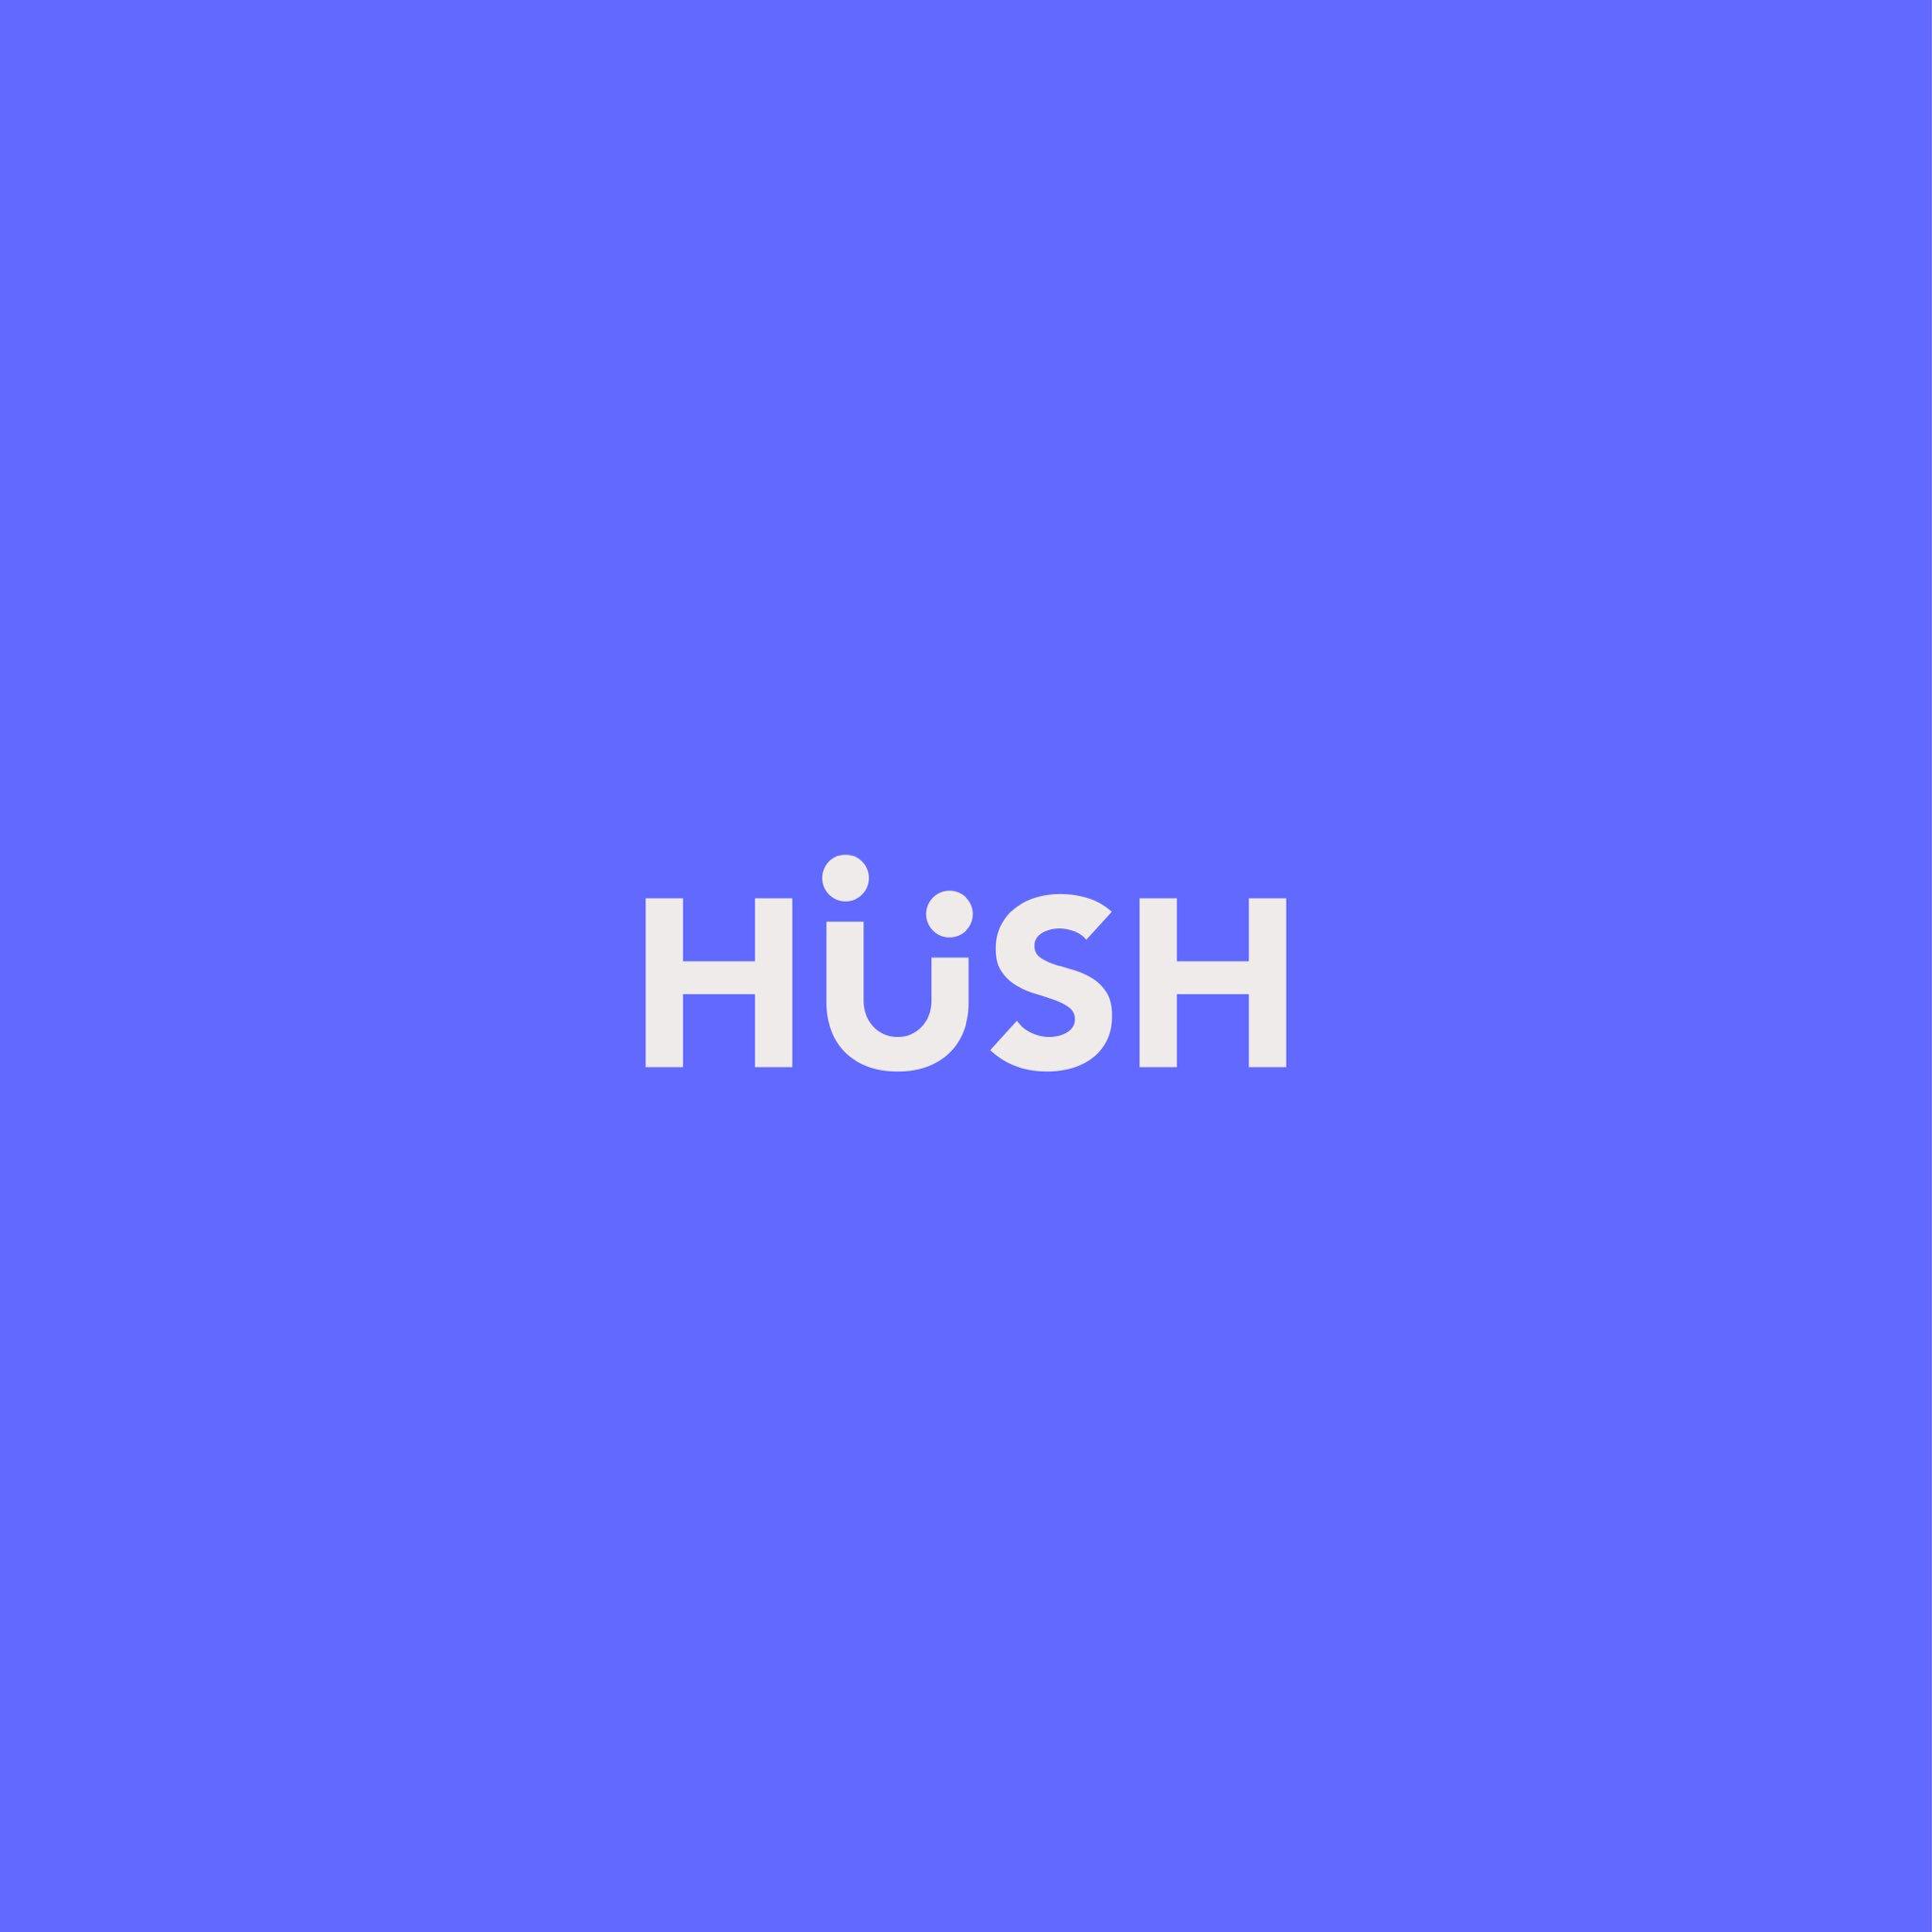 Hush app logo (con imágenes) Papelería